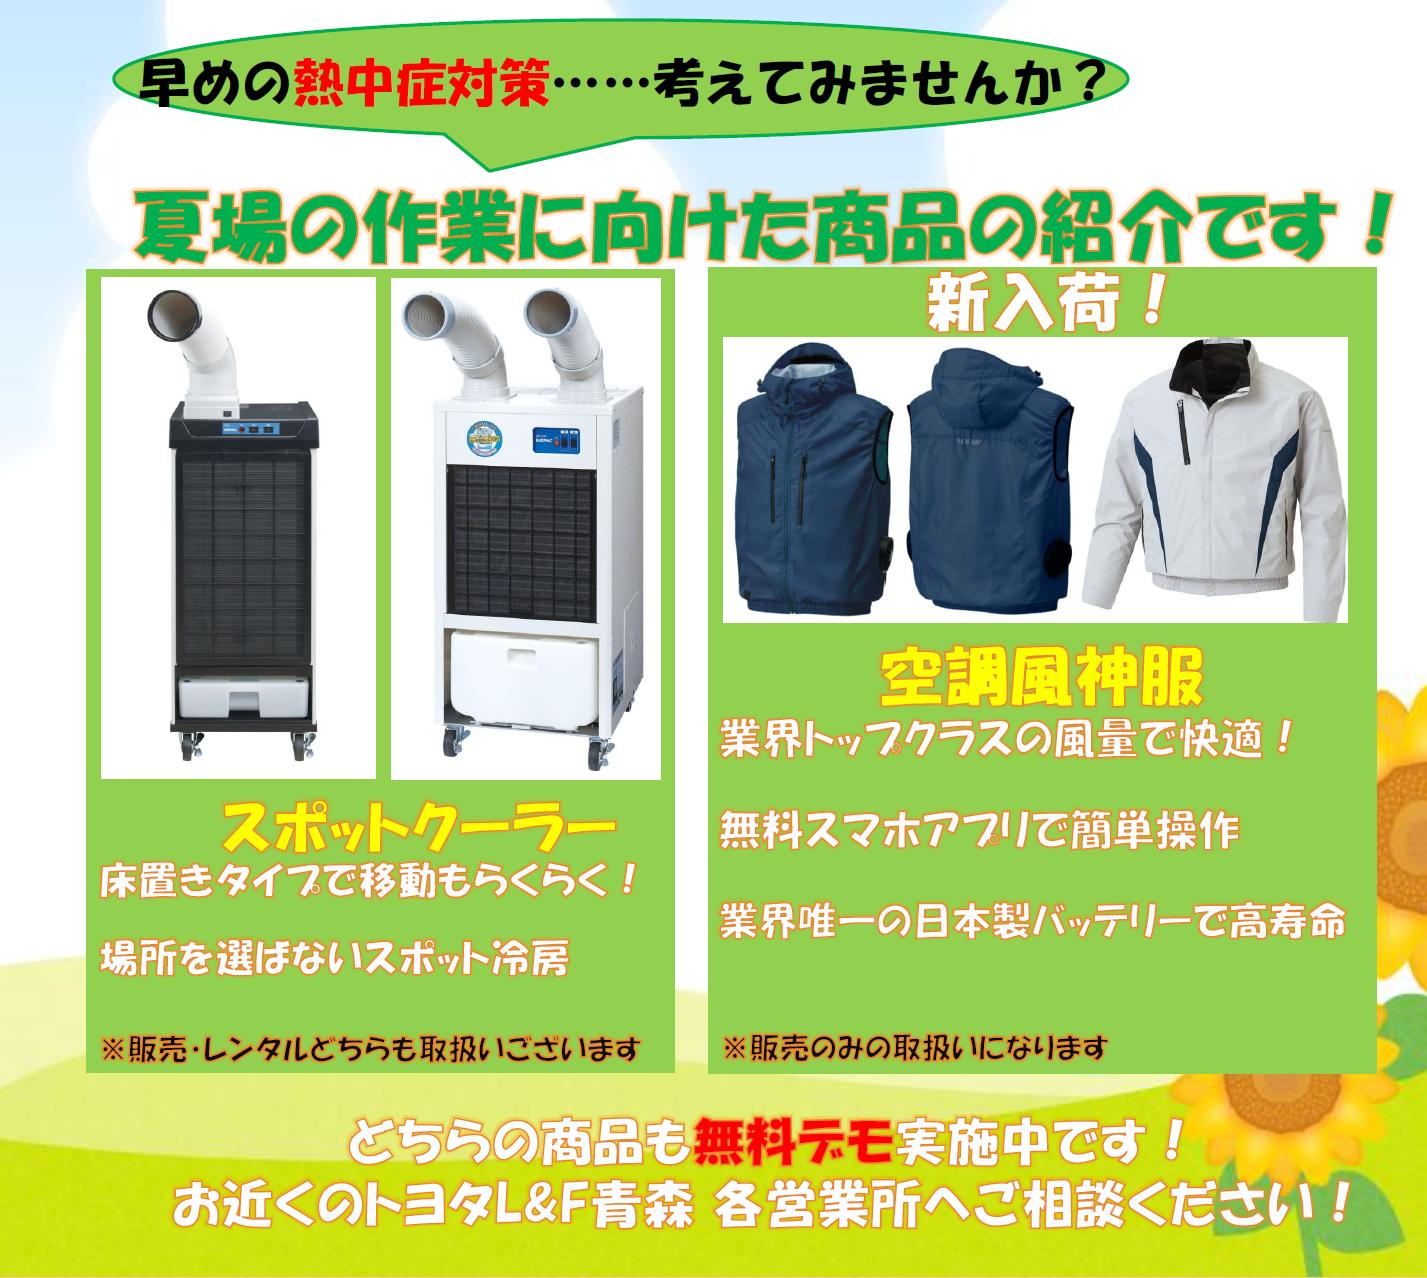 インスパック風神服HP掲載資料.png